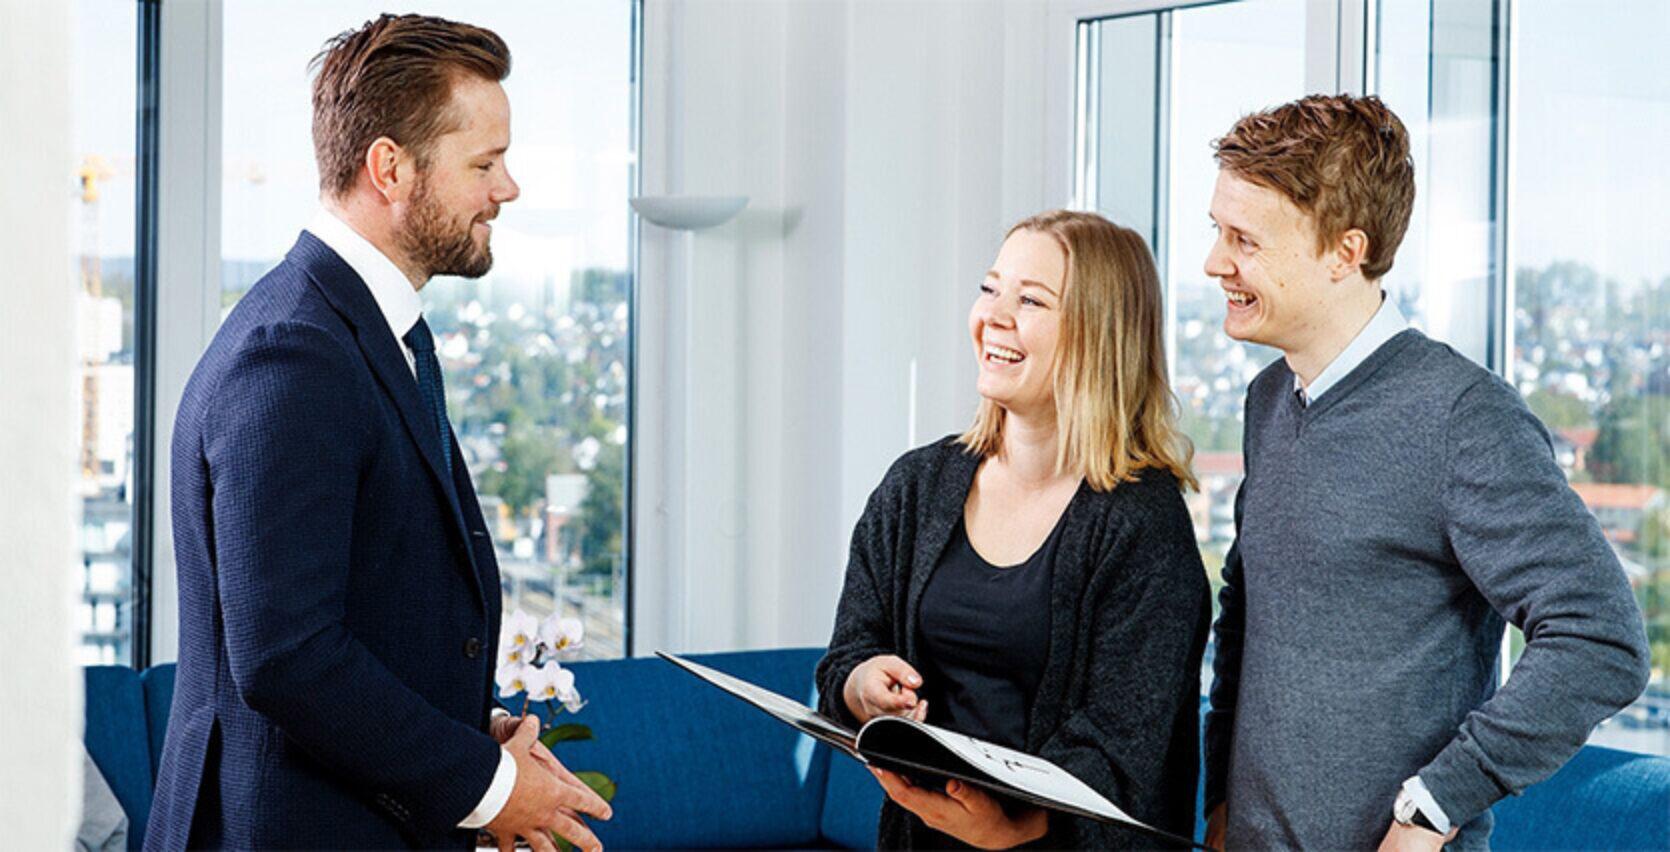 En eiendomsmegler i dress snakker med to kunder inne i en stue med masse vinduer